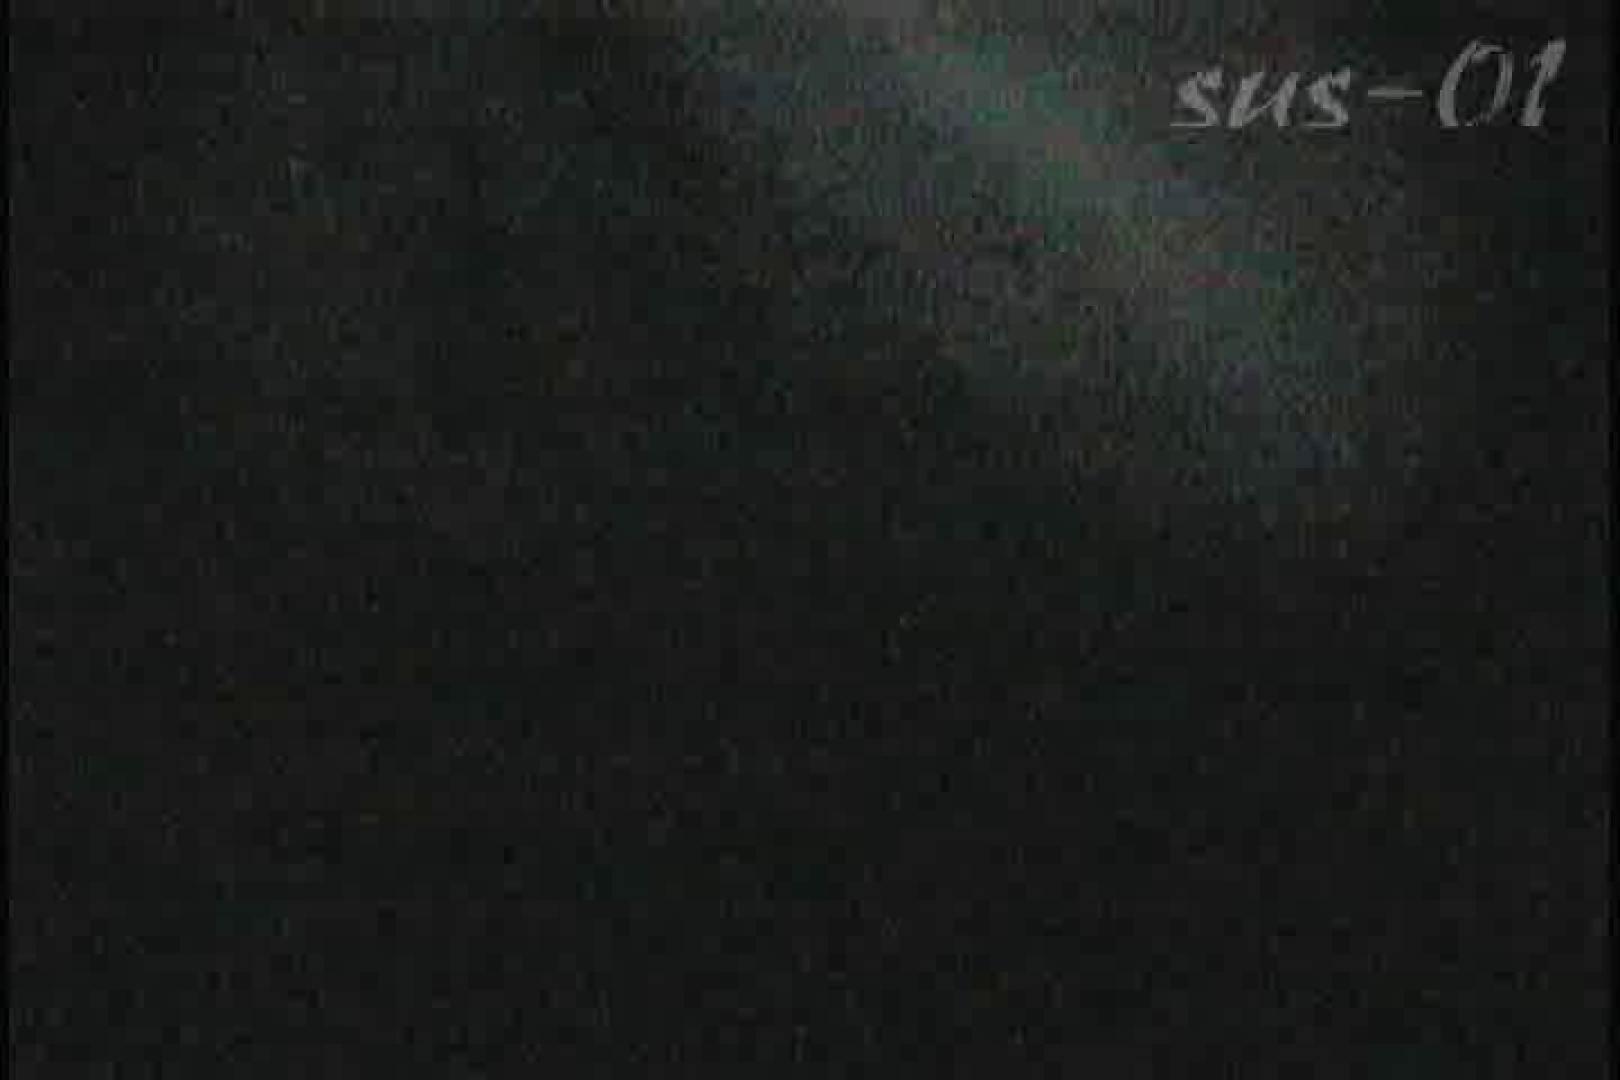 サターンさんのウル技炸裂!!夏乙女★海の家シャワー室絵巻 Vol.01 シャワー  92PIX 66